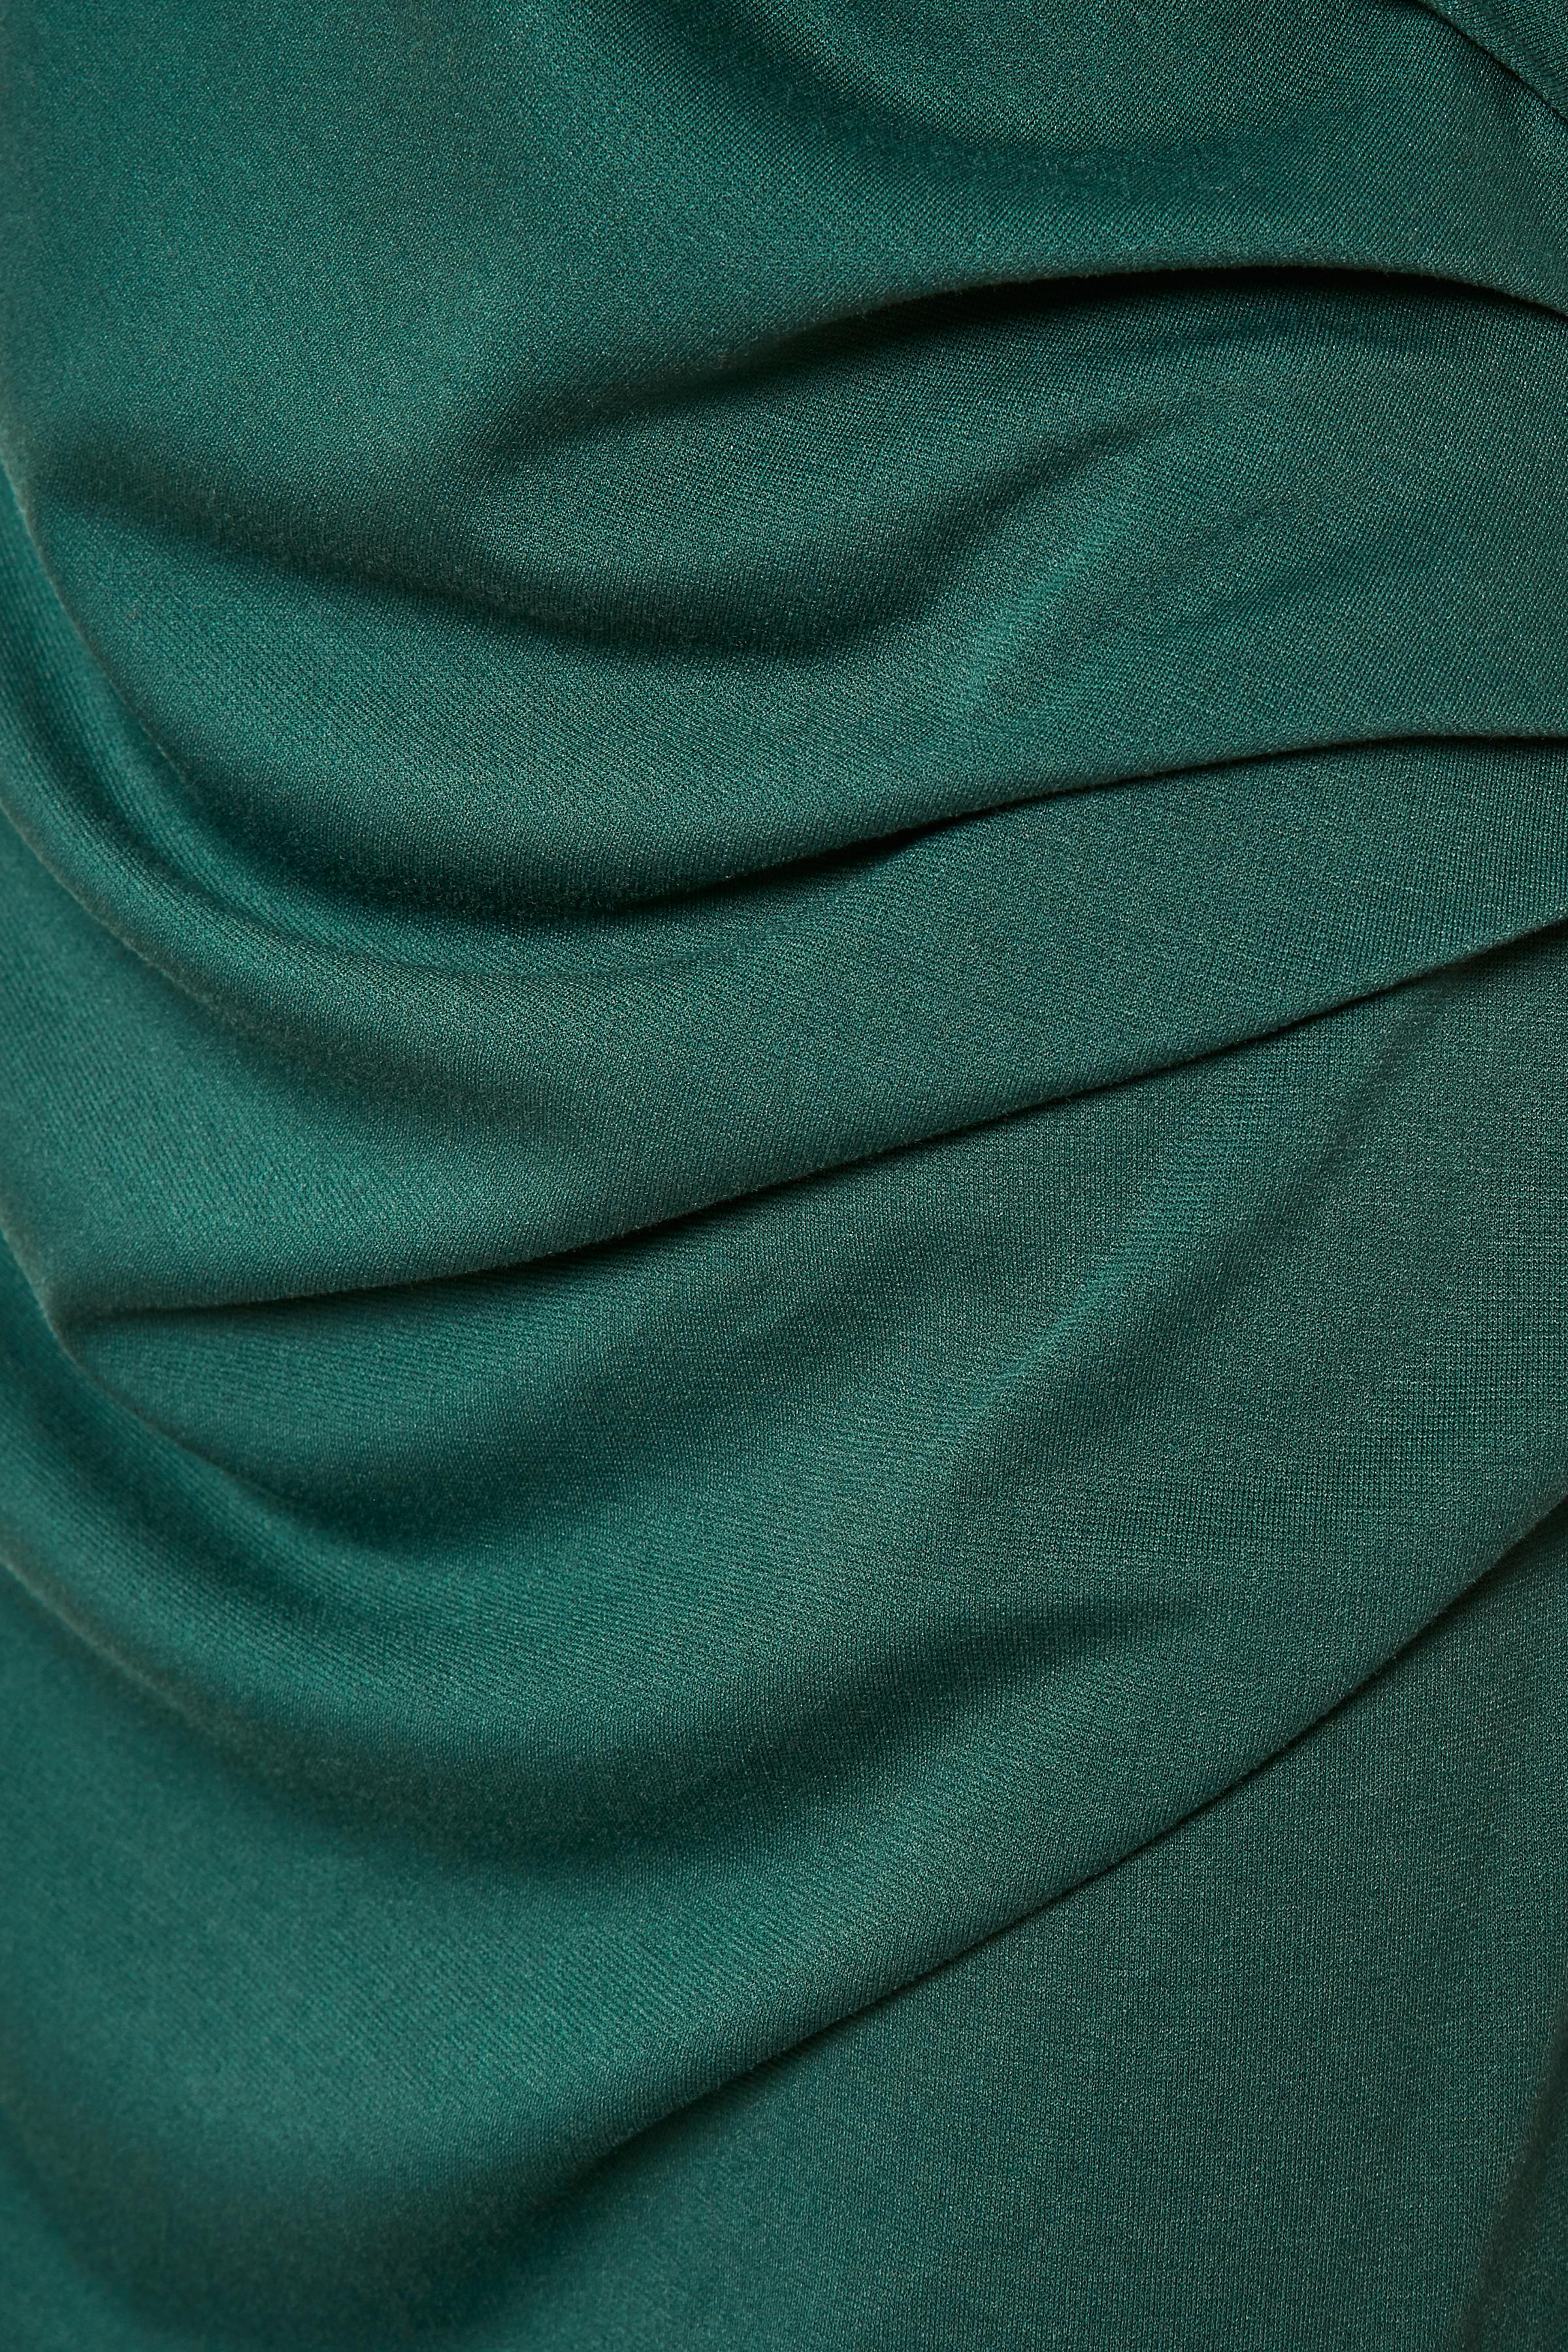 Green Spruce Strikkjole fra Kaffe – Køb Green Spruce Strikkjole fra str. XS-XXL her